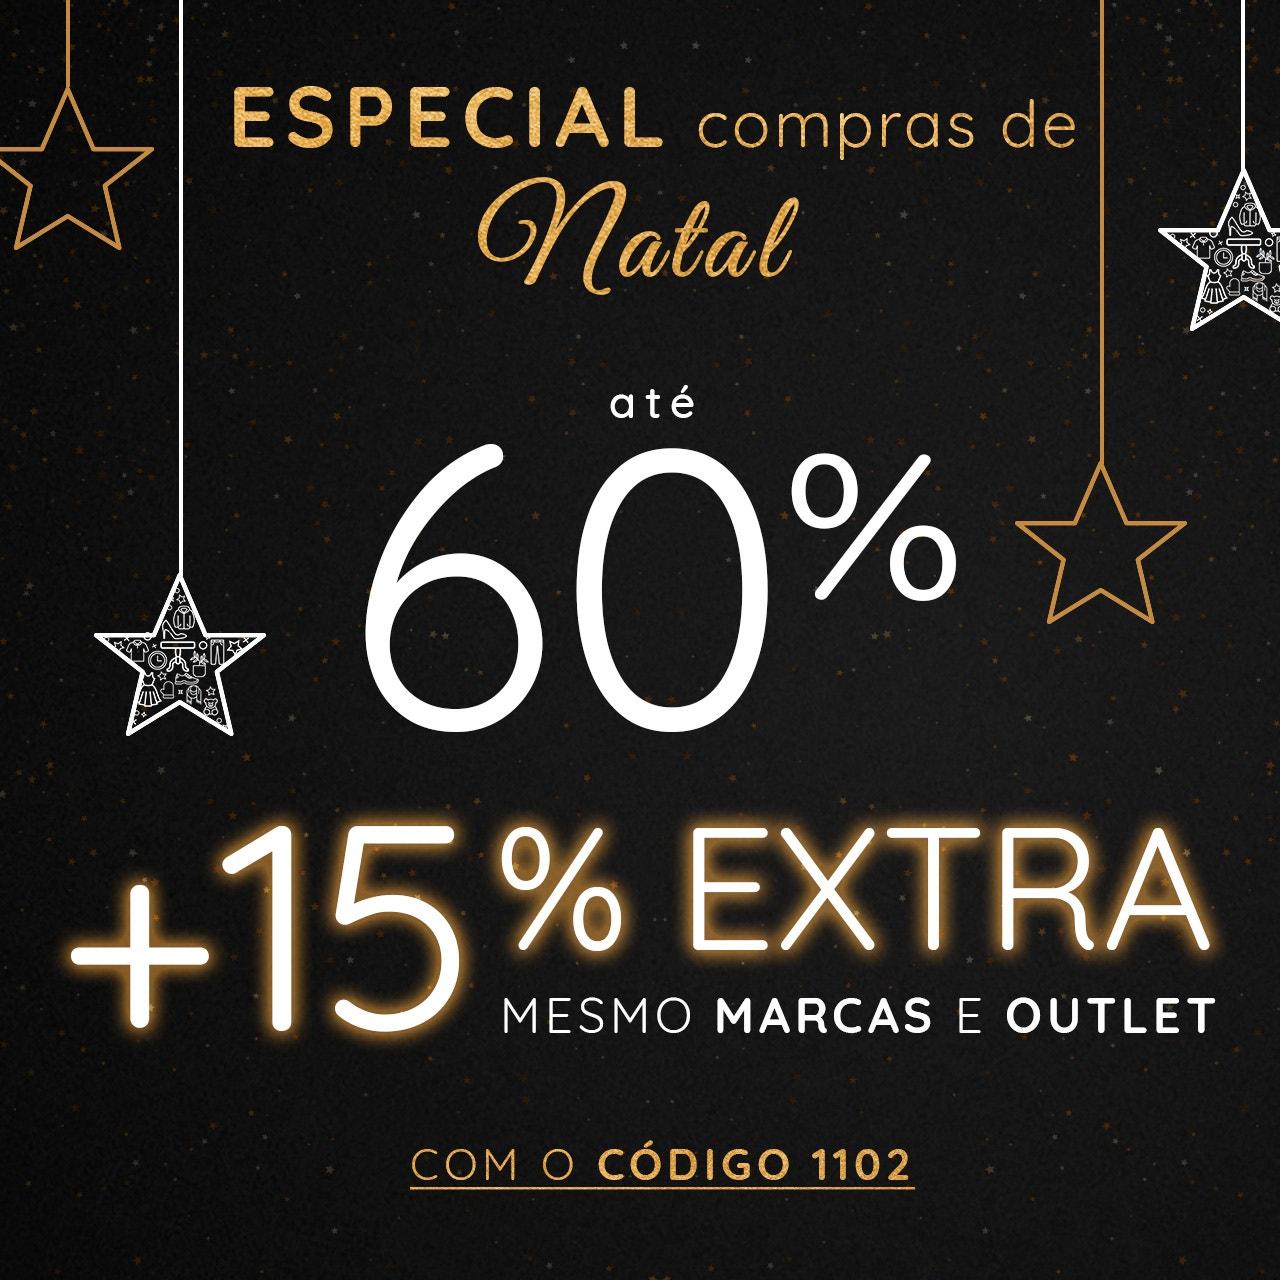 até 60% +15% EXTRA